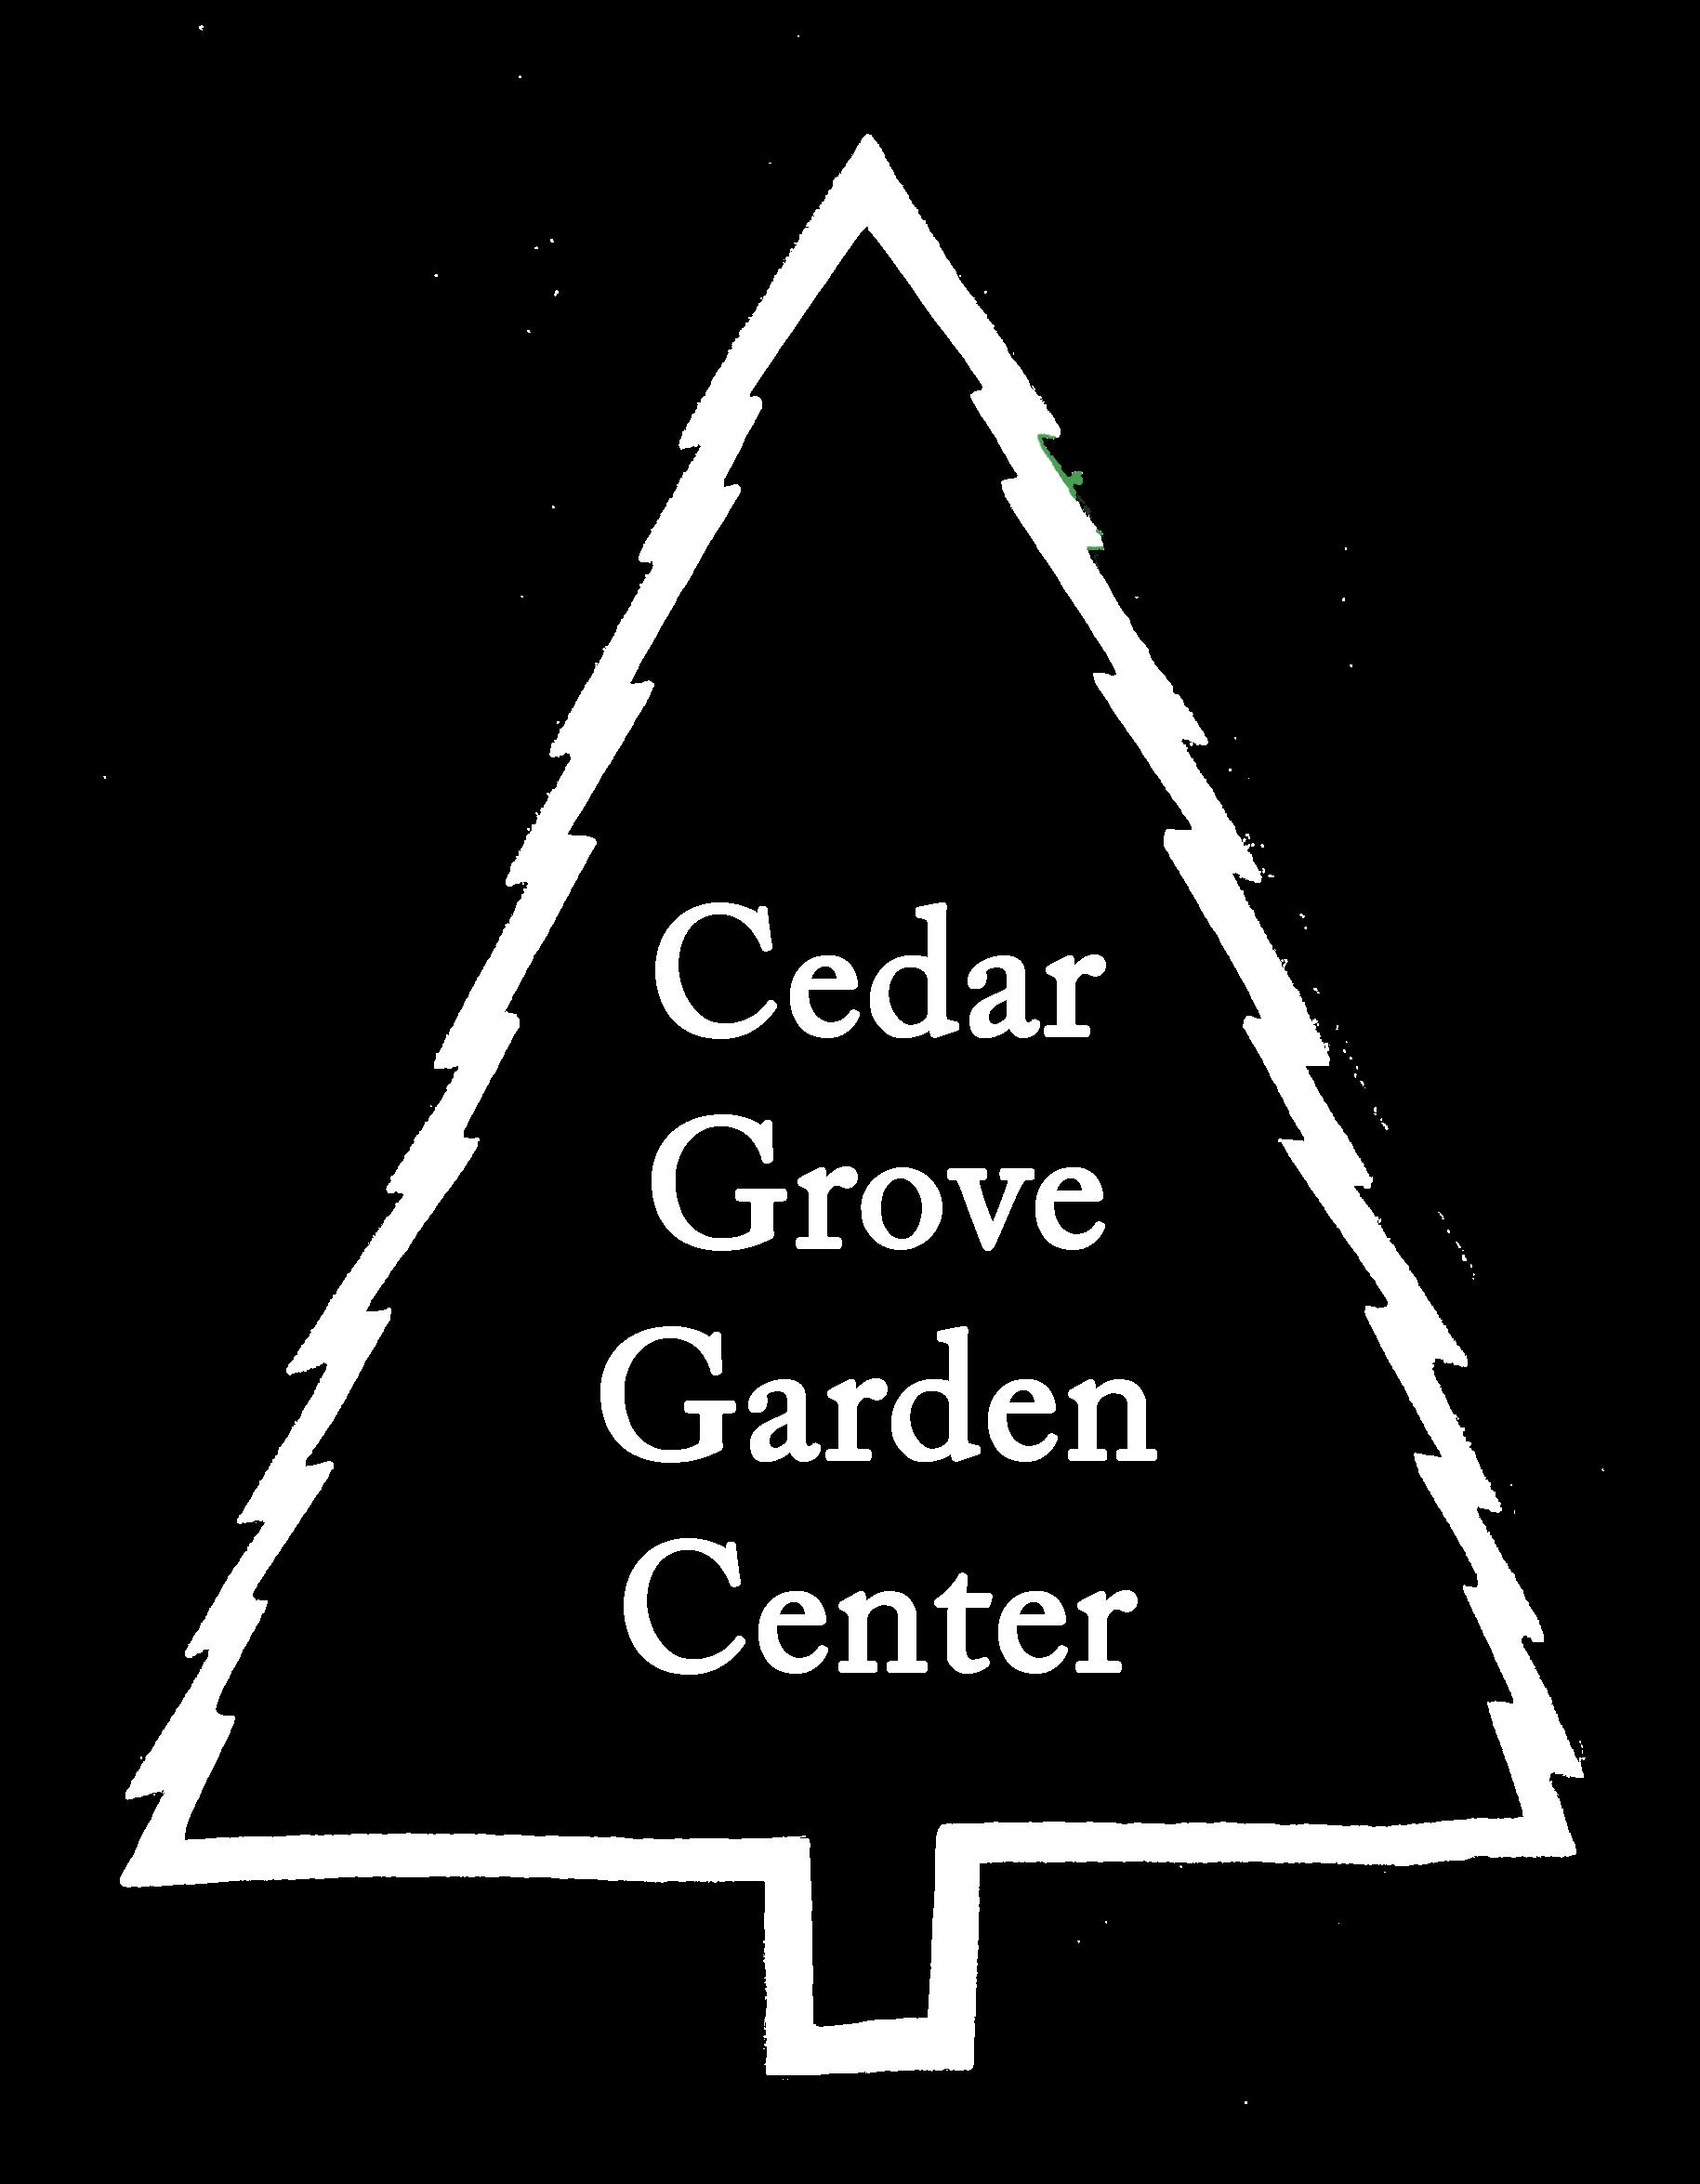 Cedar Grove Garden Center | Retail, Landscaping, Tradition.